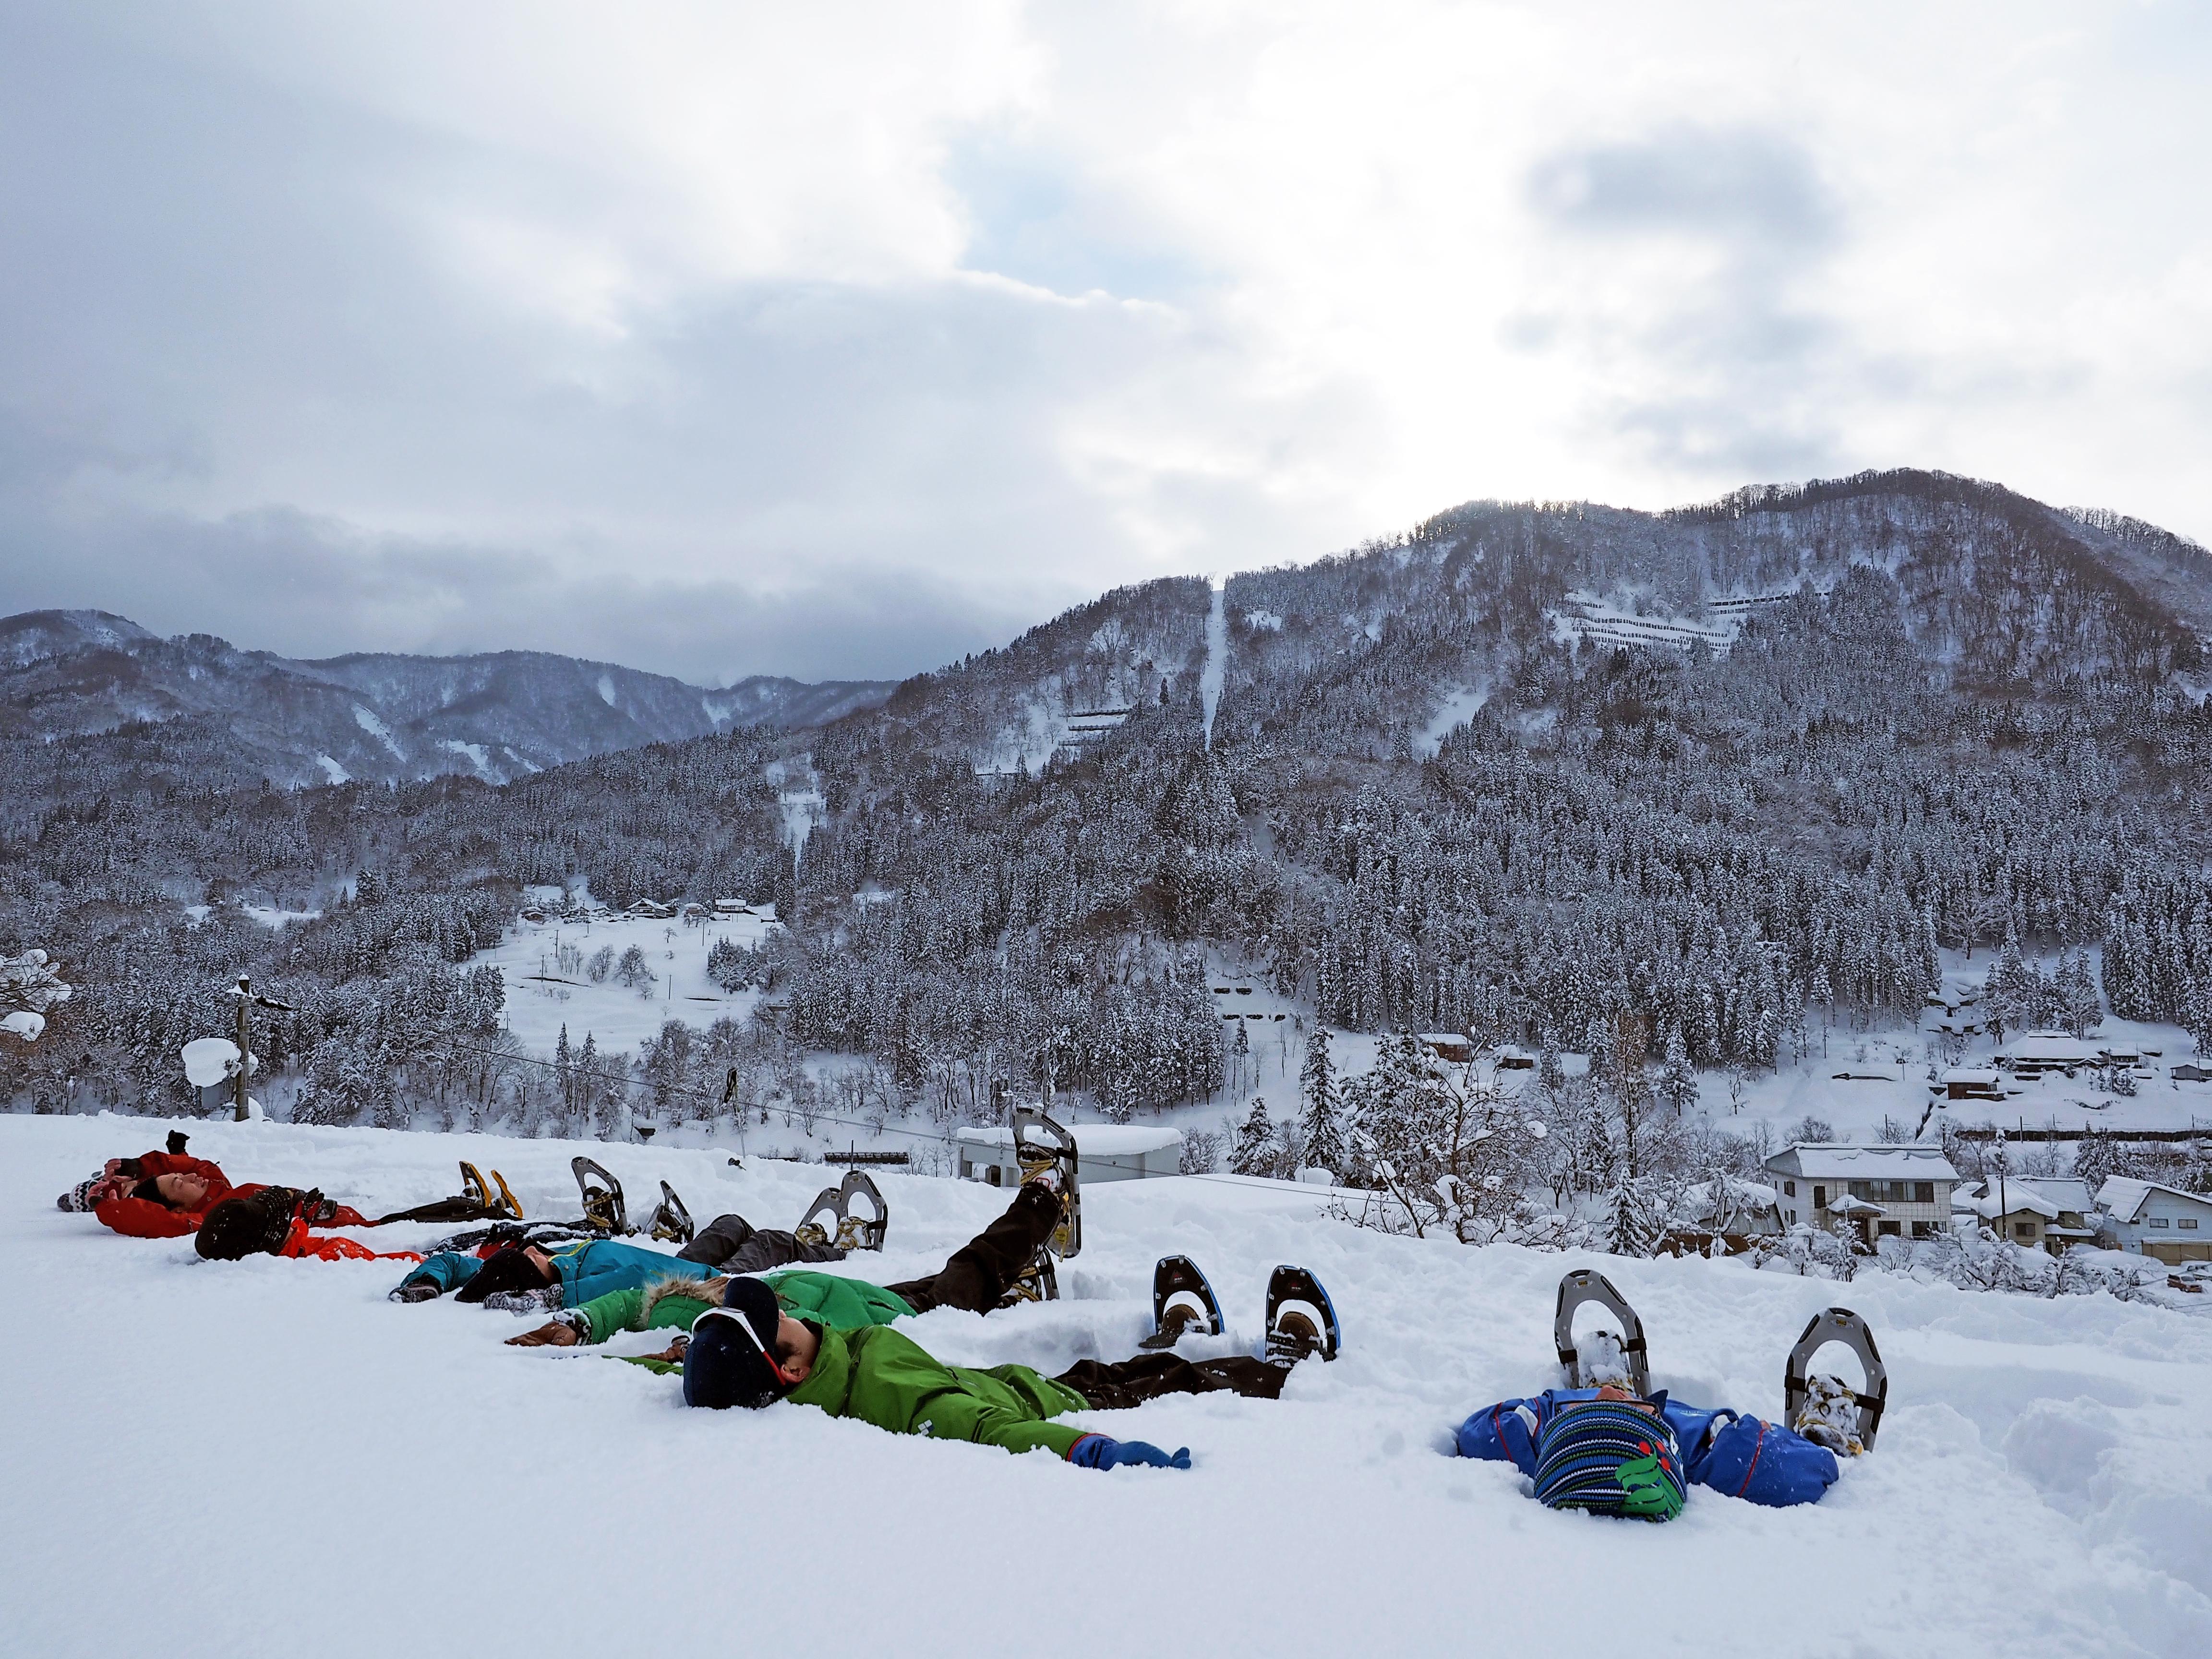 大人も雪の上でのんびりと そのまま寝ないでね